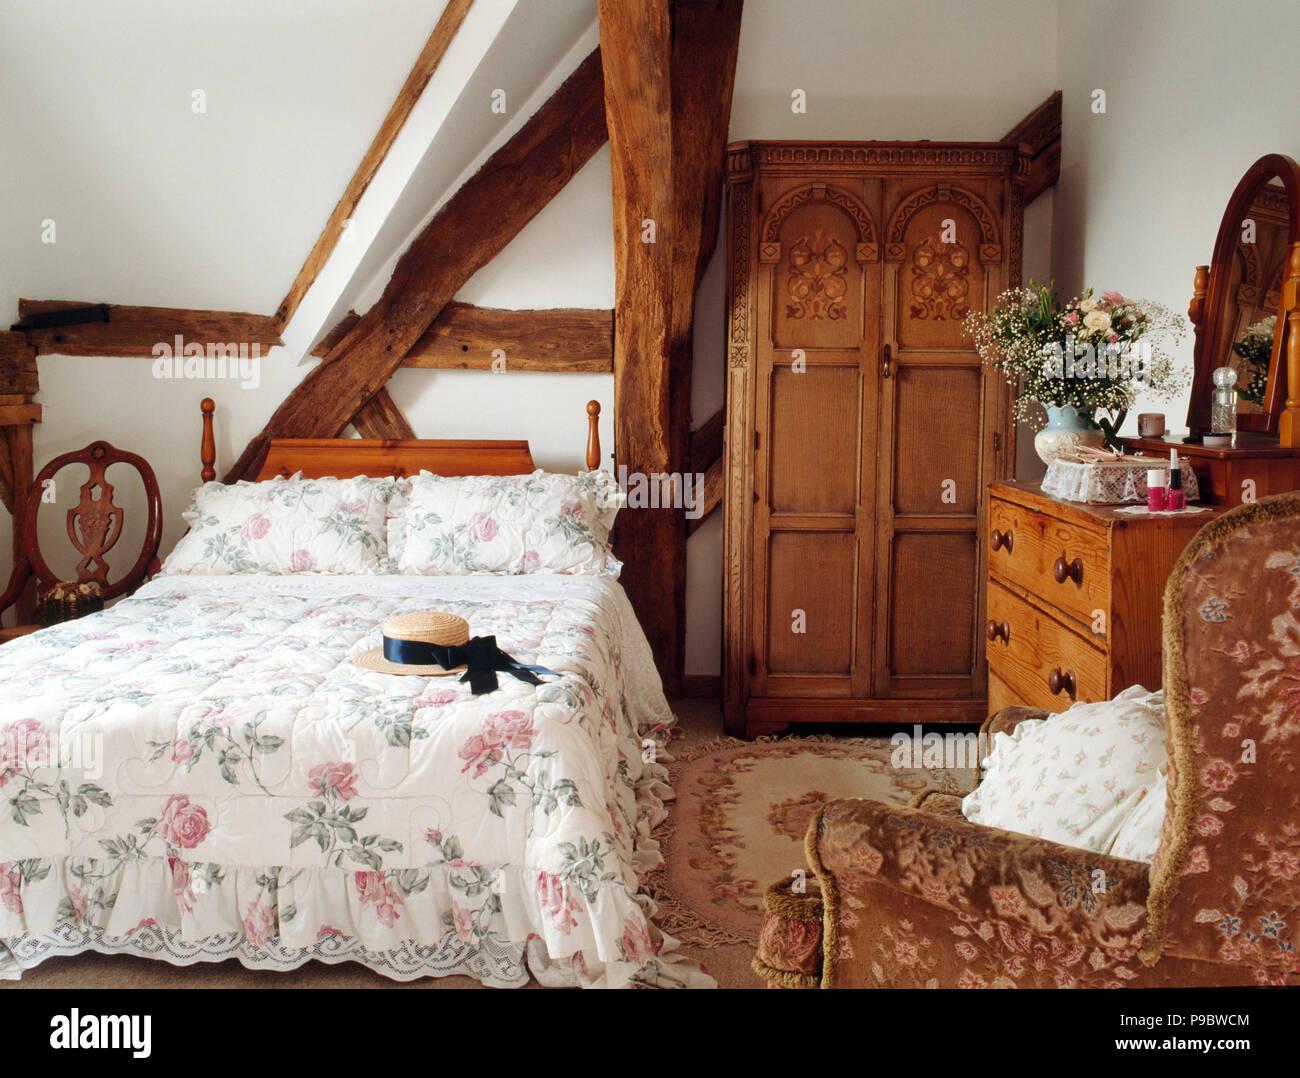 Courtepointe A Motifs De Roses Et Armoire Ancienne En Poutres Apparentes Chambre Pays Photo Stock Alamy